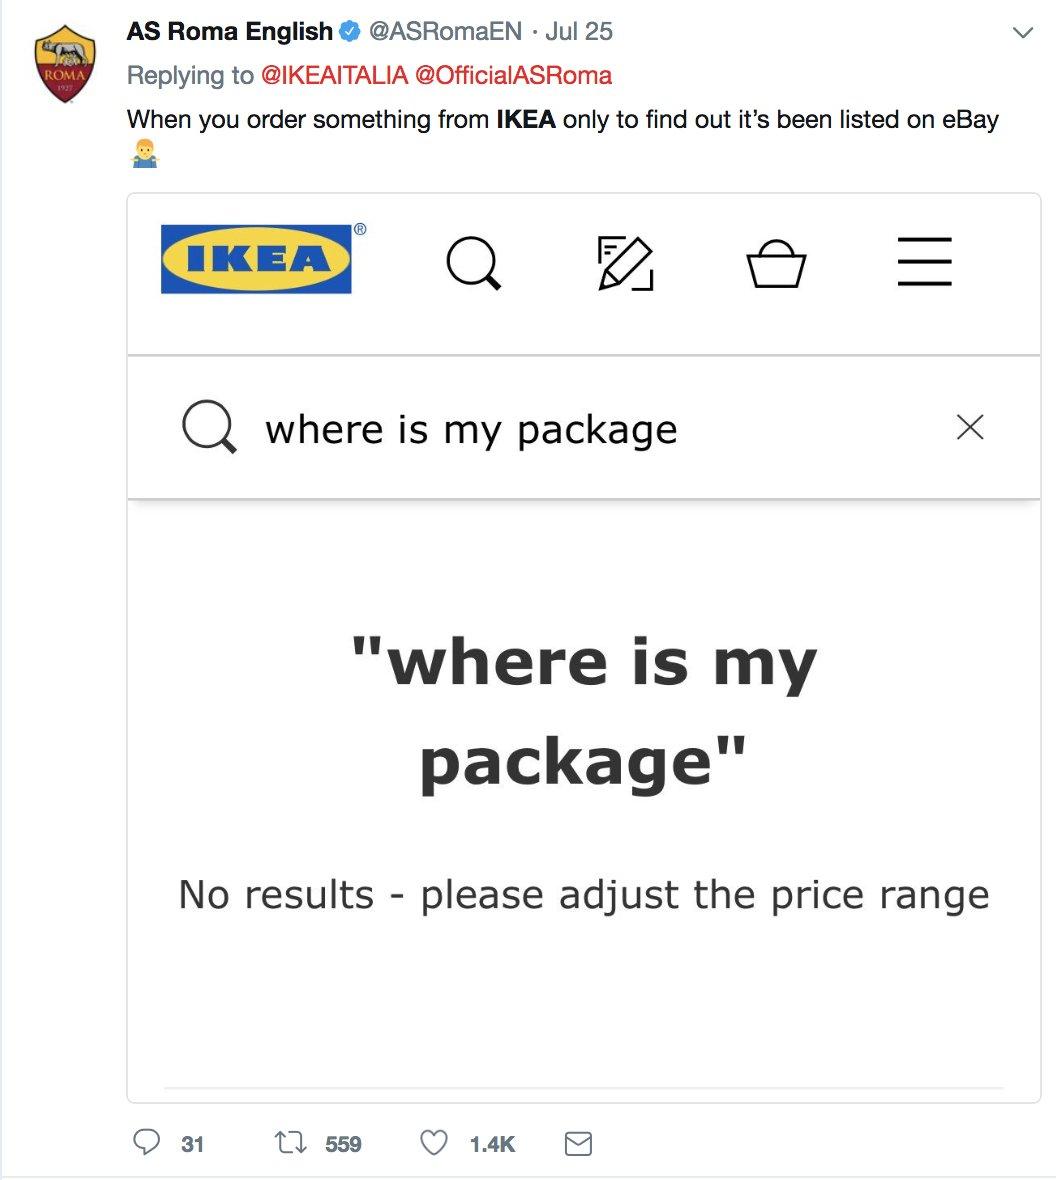 Ladbrokes On Twitter Romas Twitter Banter With Ikea